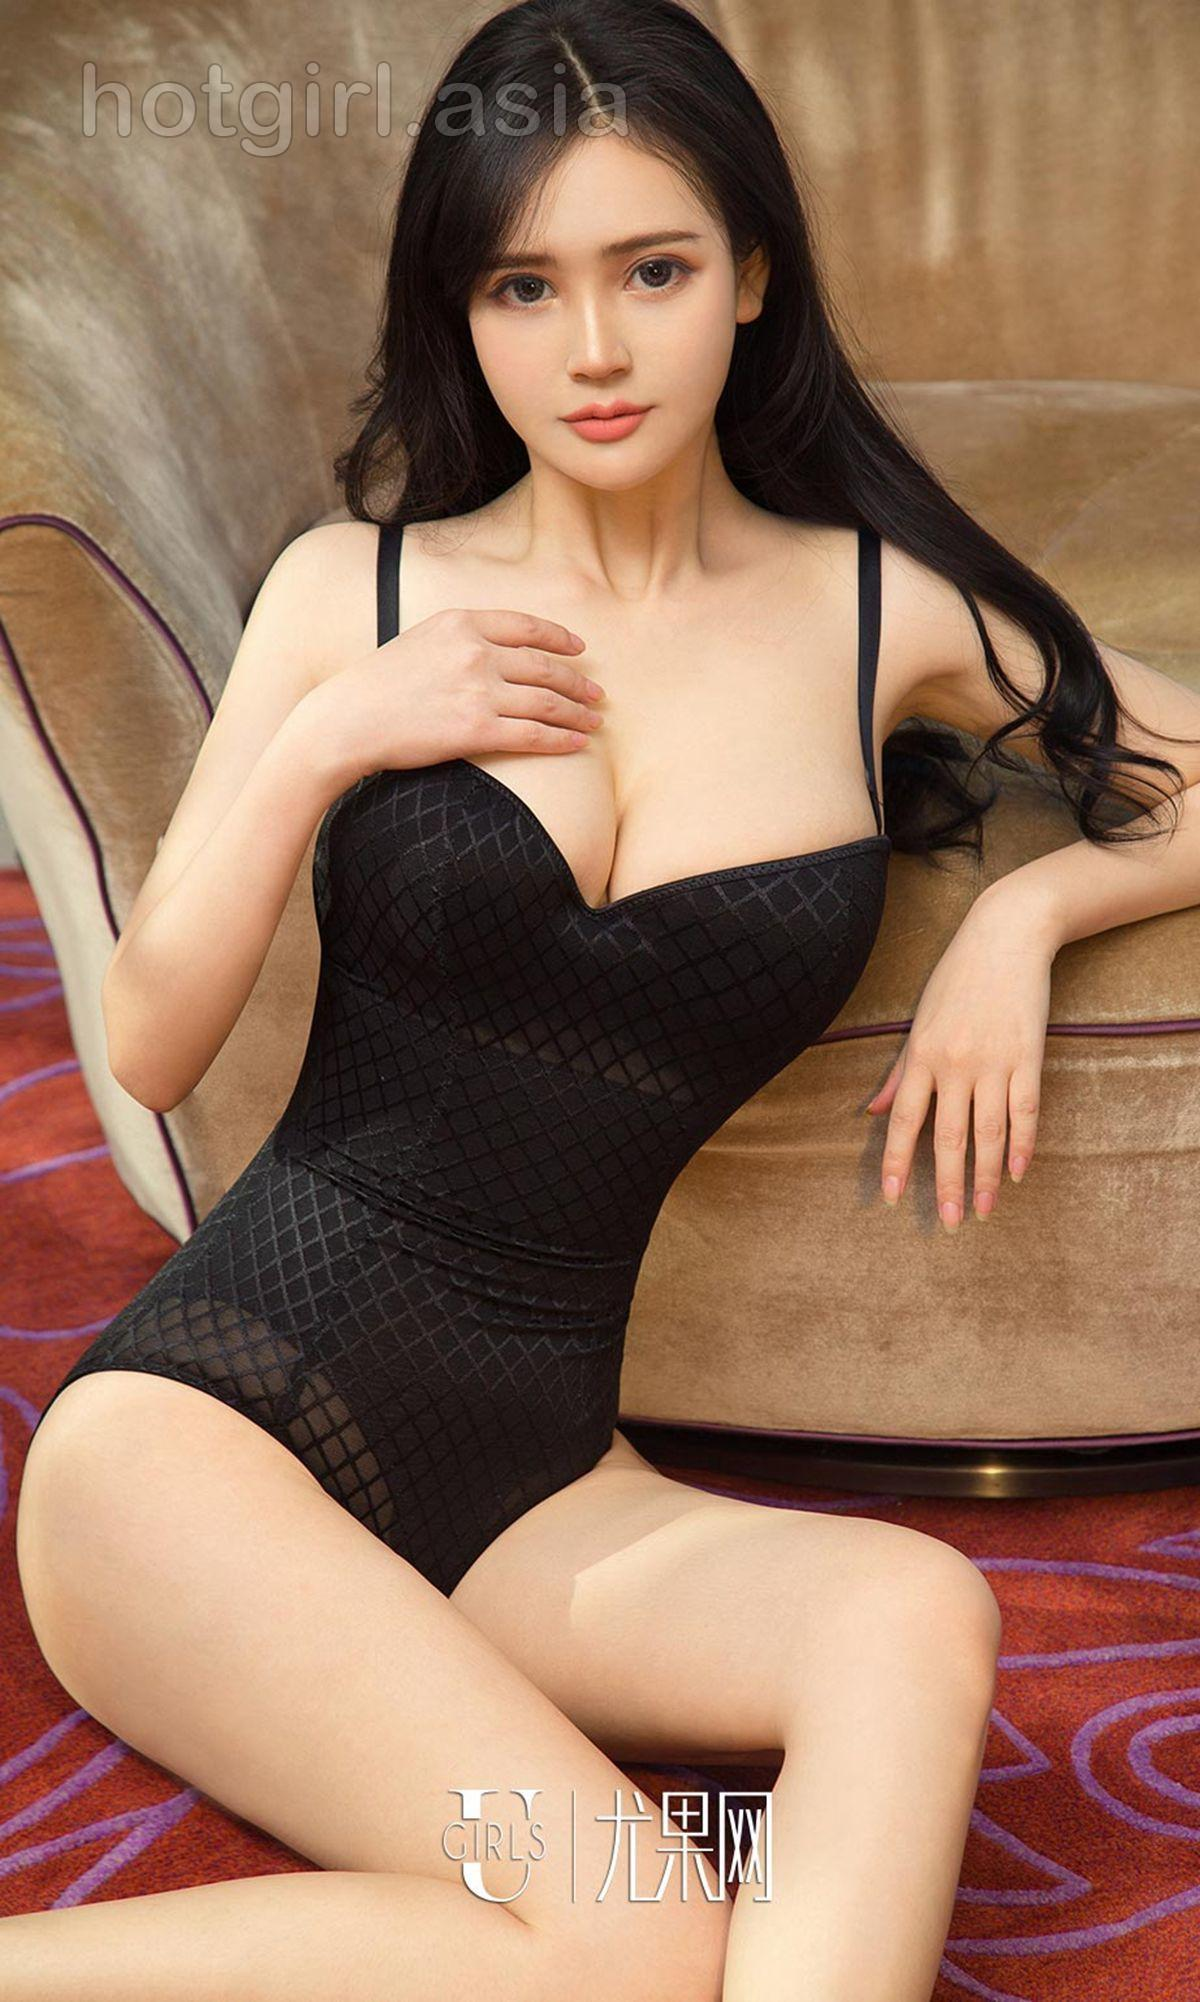 [Ugirls 爱 尤物] No.1280 Lin Shiyin-Miaoyin Girl Photo Album